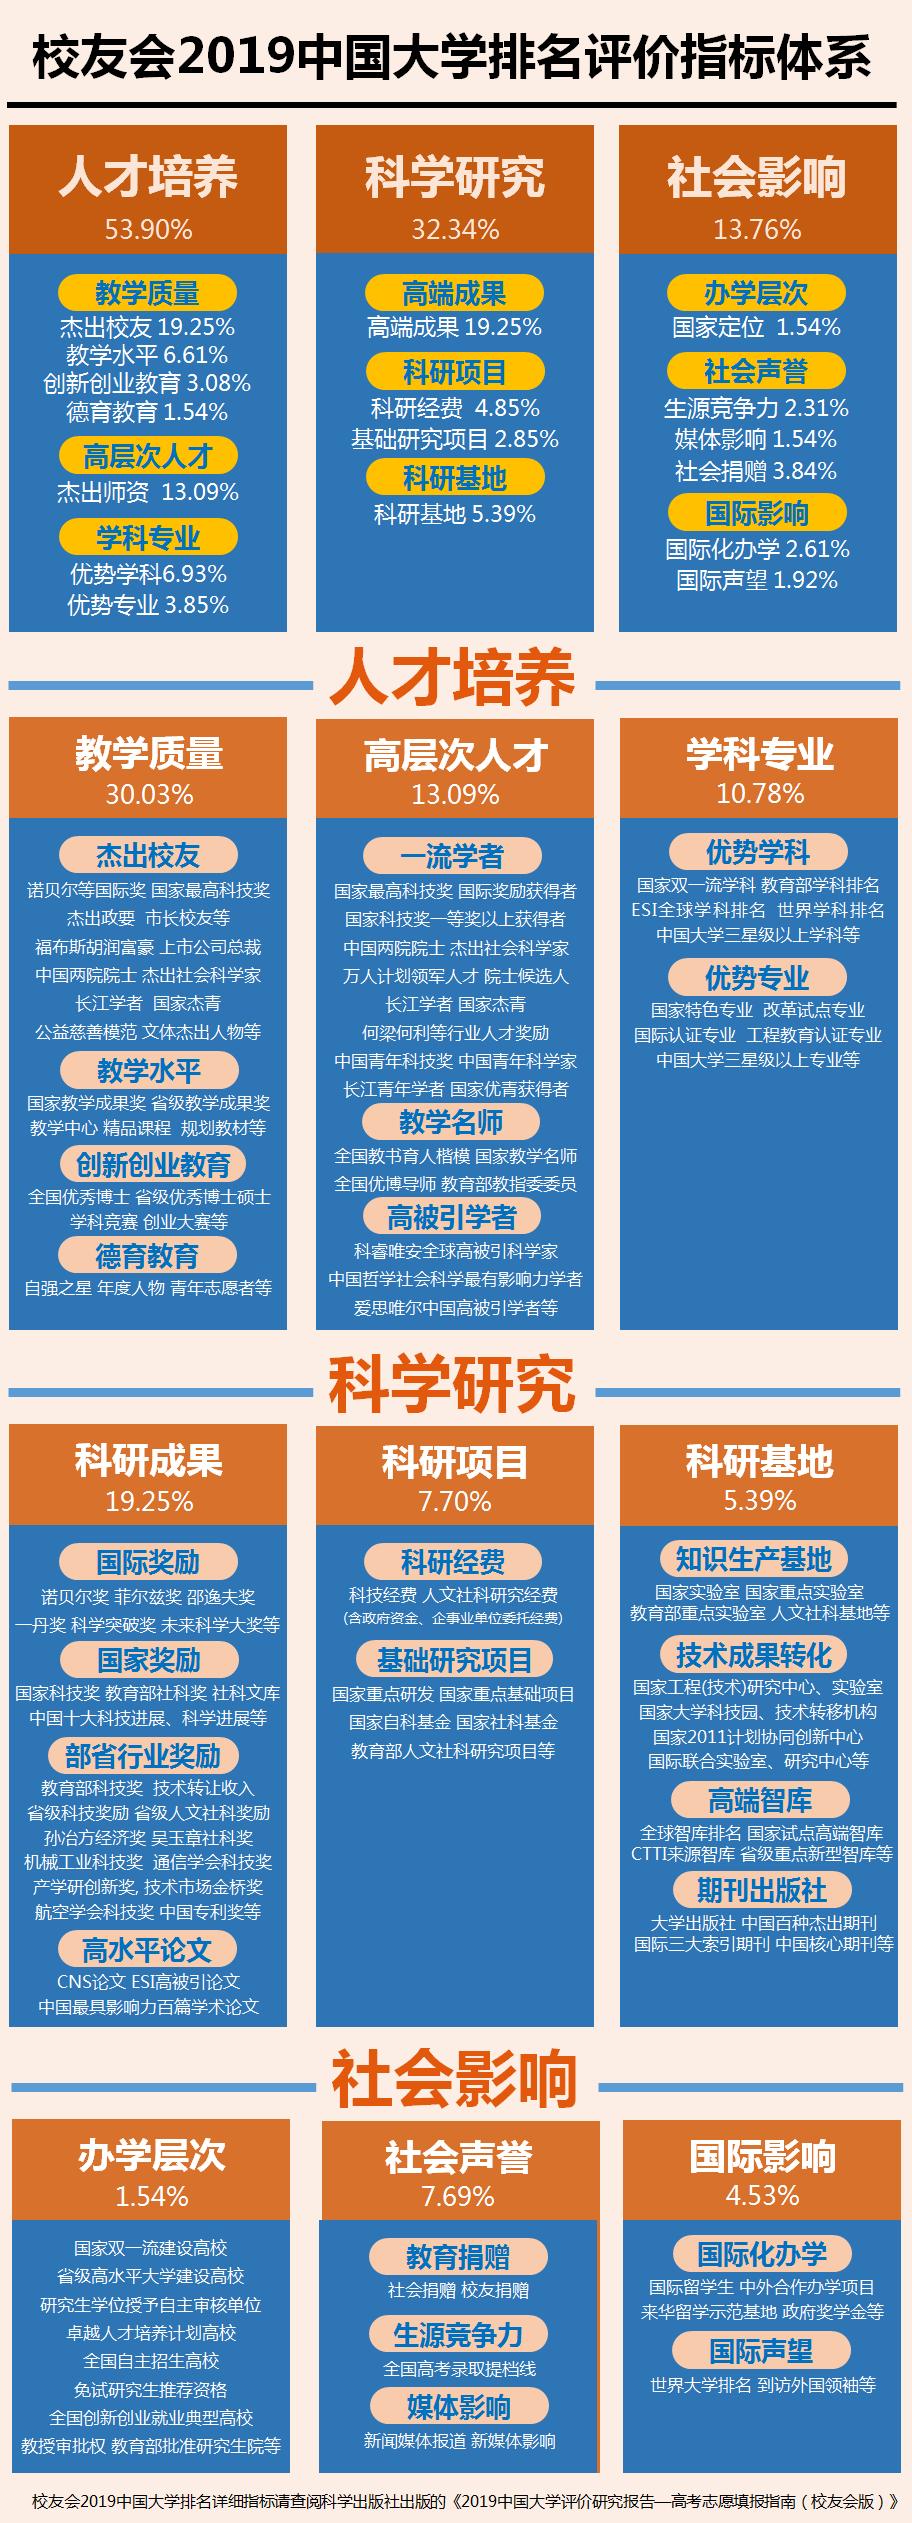 2019中国大学国际留学生排名,浙江大学跻身全国10强